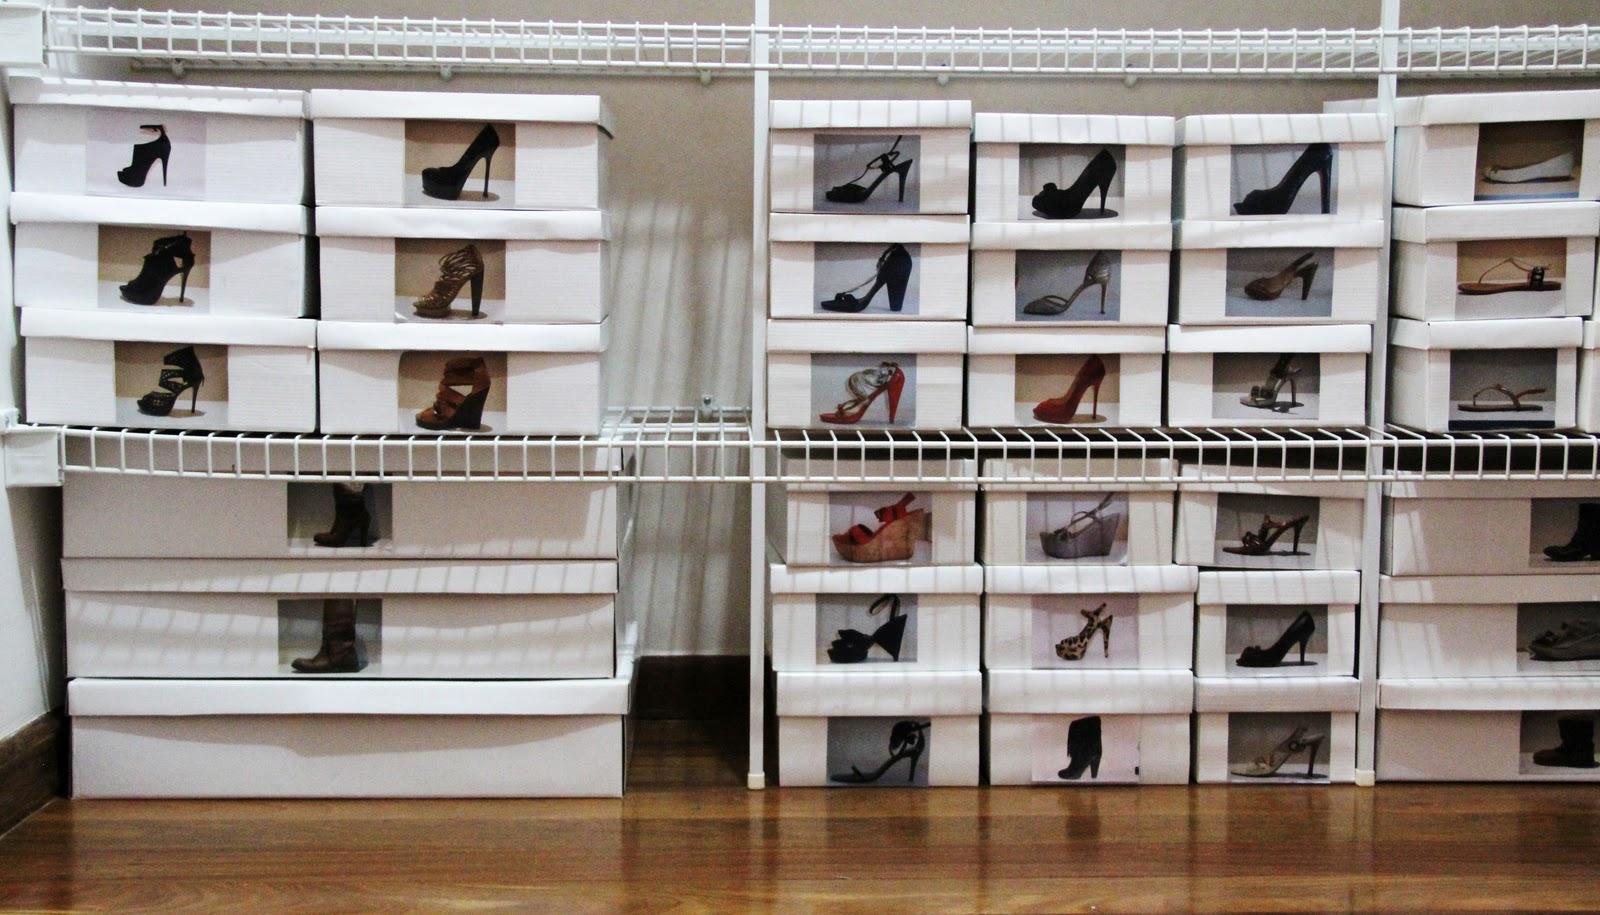 Dicas De Como Organizar Sapatos Renata Vendramini Personal  ~ Como Organizar O Quarto Da Bagunça